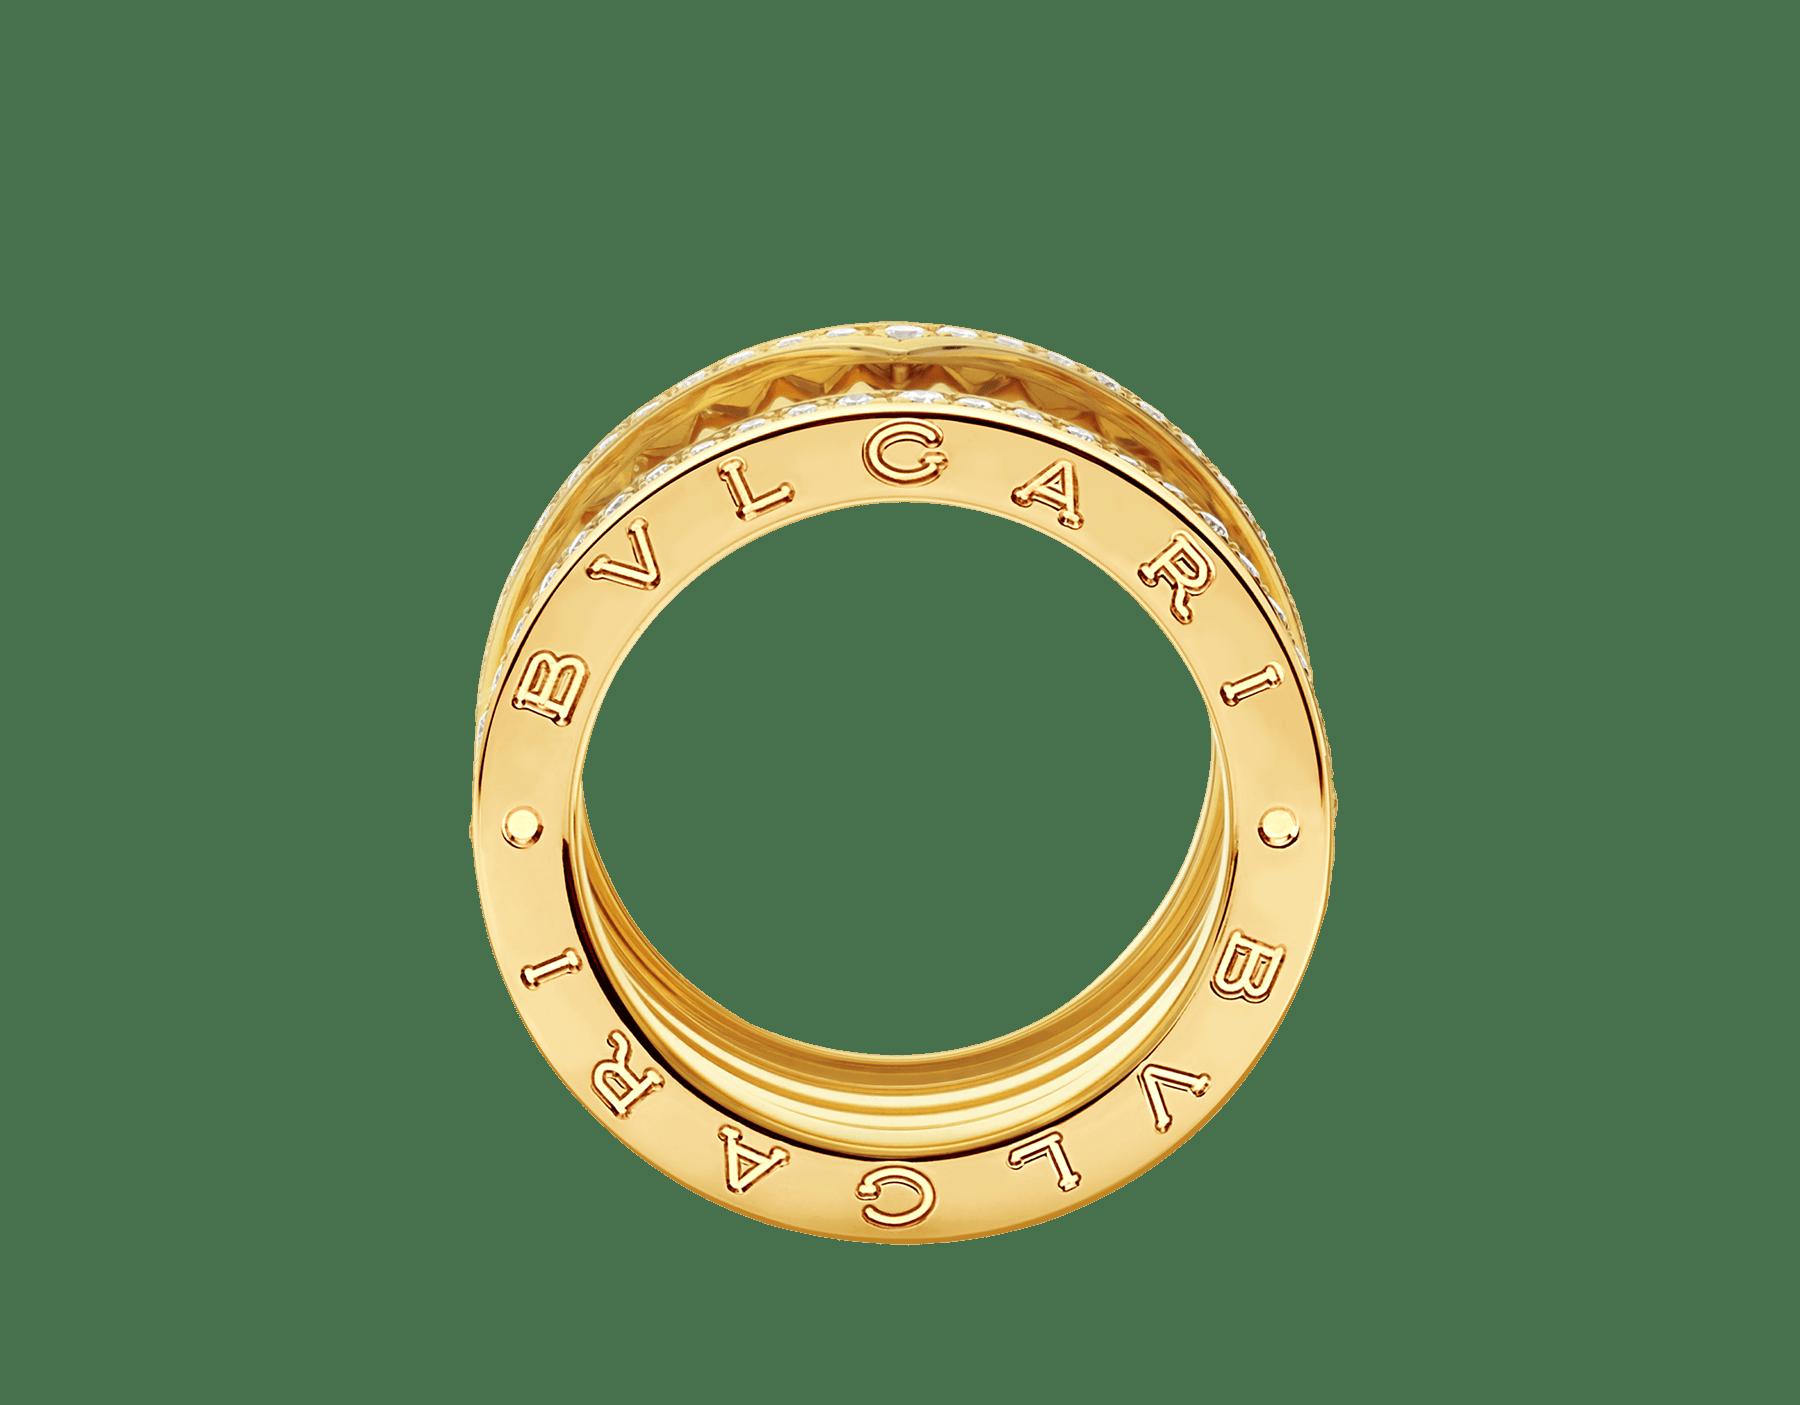 ビー・ゼロワン ロック 4バンド リング。18Kイエローゴールド製。スタッズ付きスパイラル。エッジにパヴェダイヤモンドをあしらいました。 AN859026 image 2